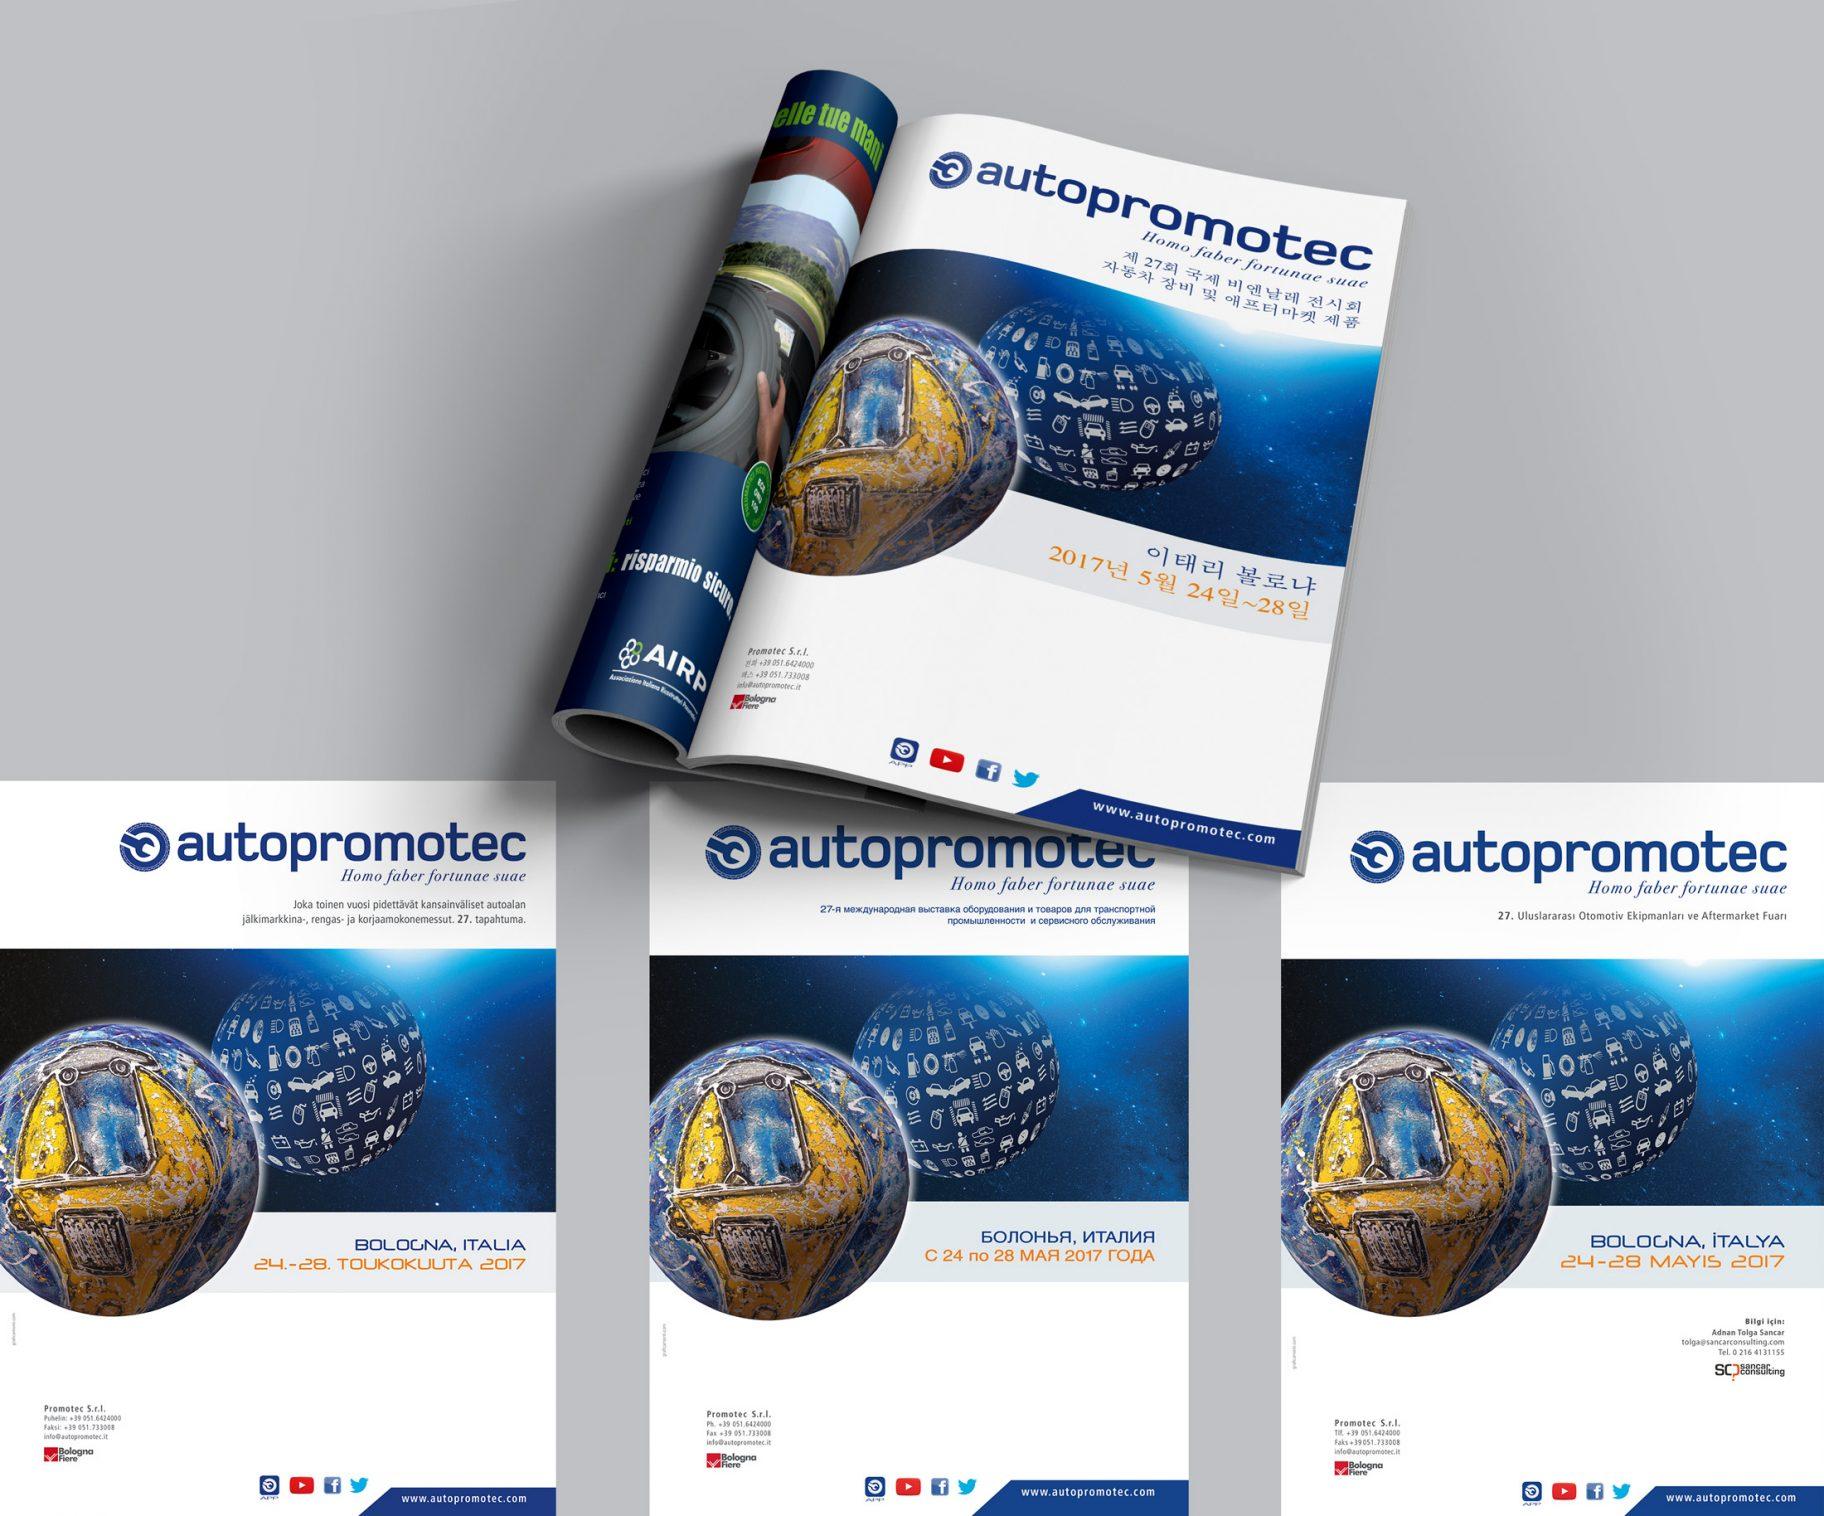 Autopromotec-2017-pagina-pubblicitaria